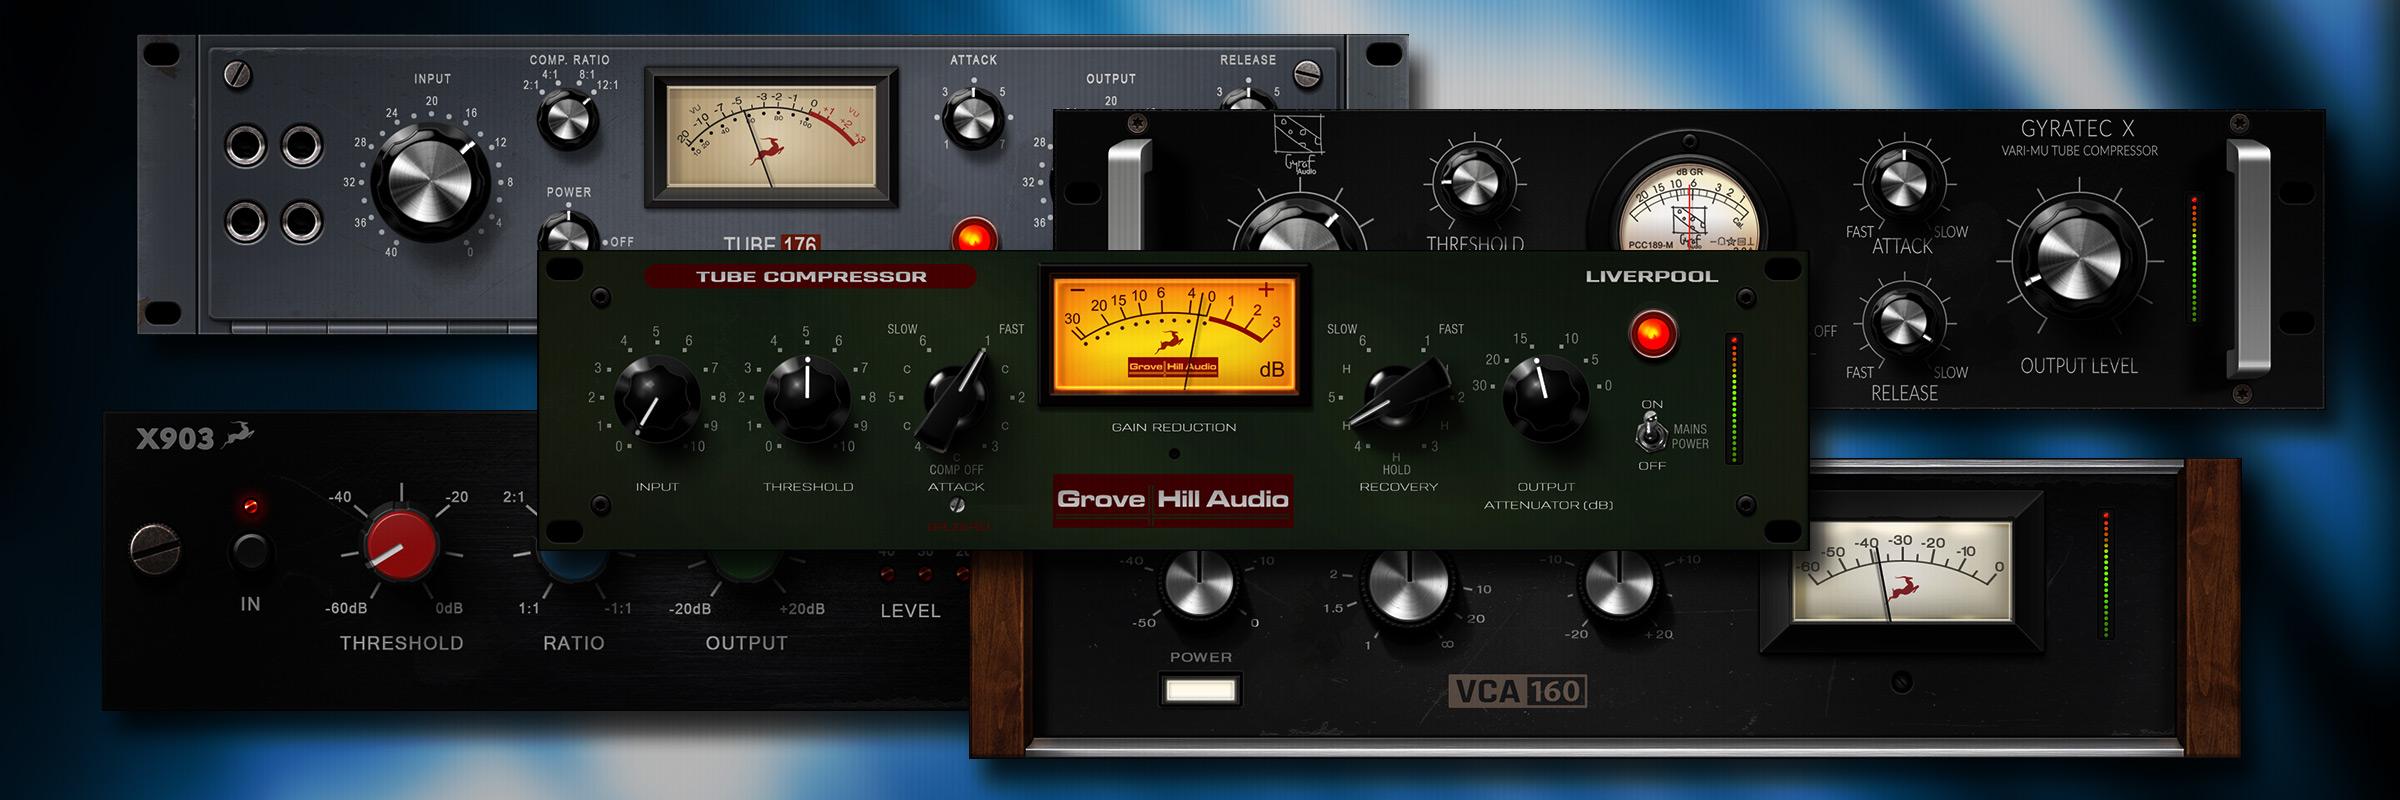 Cinq nouveaux compresseurs vintage FX disponibles uniquement chez Antelope Audio